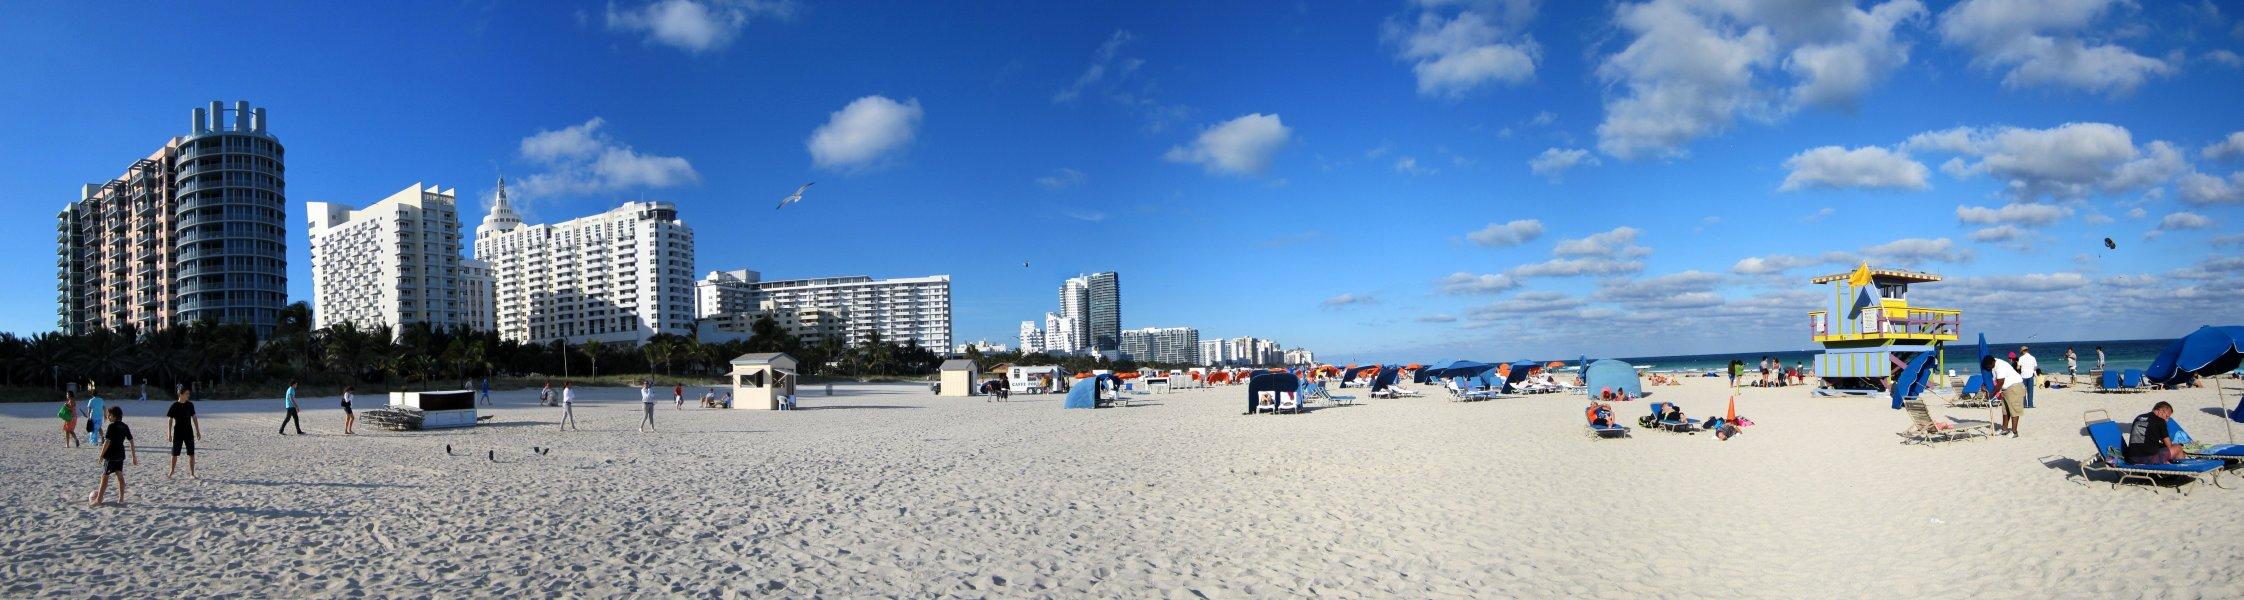 001_Miami_Beach_85